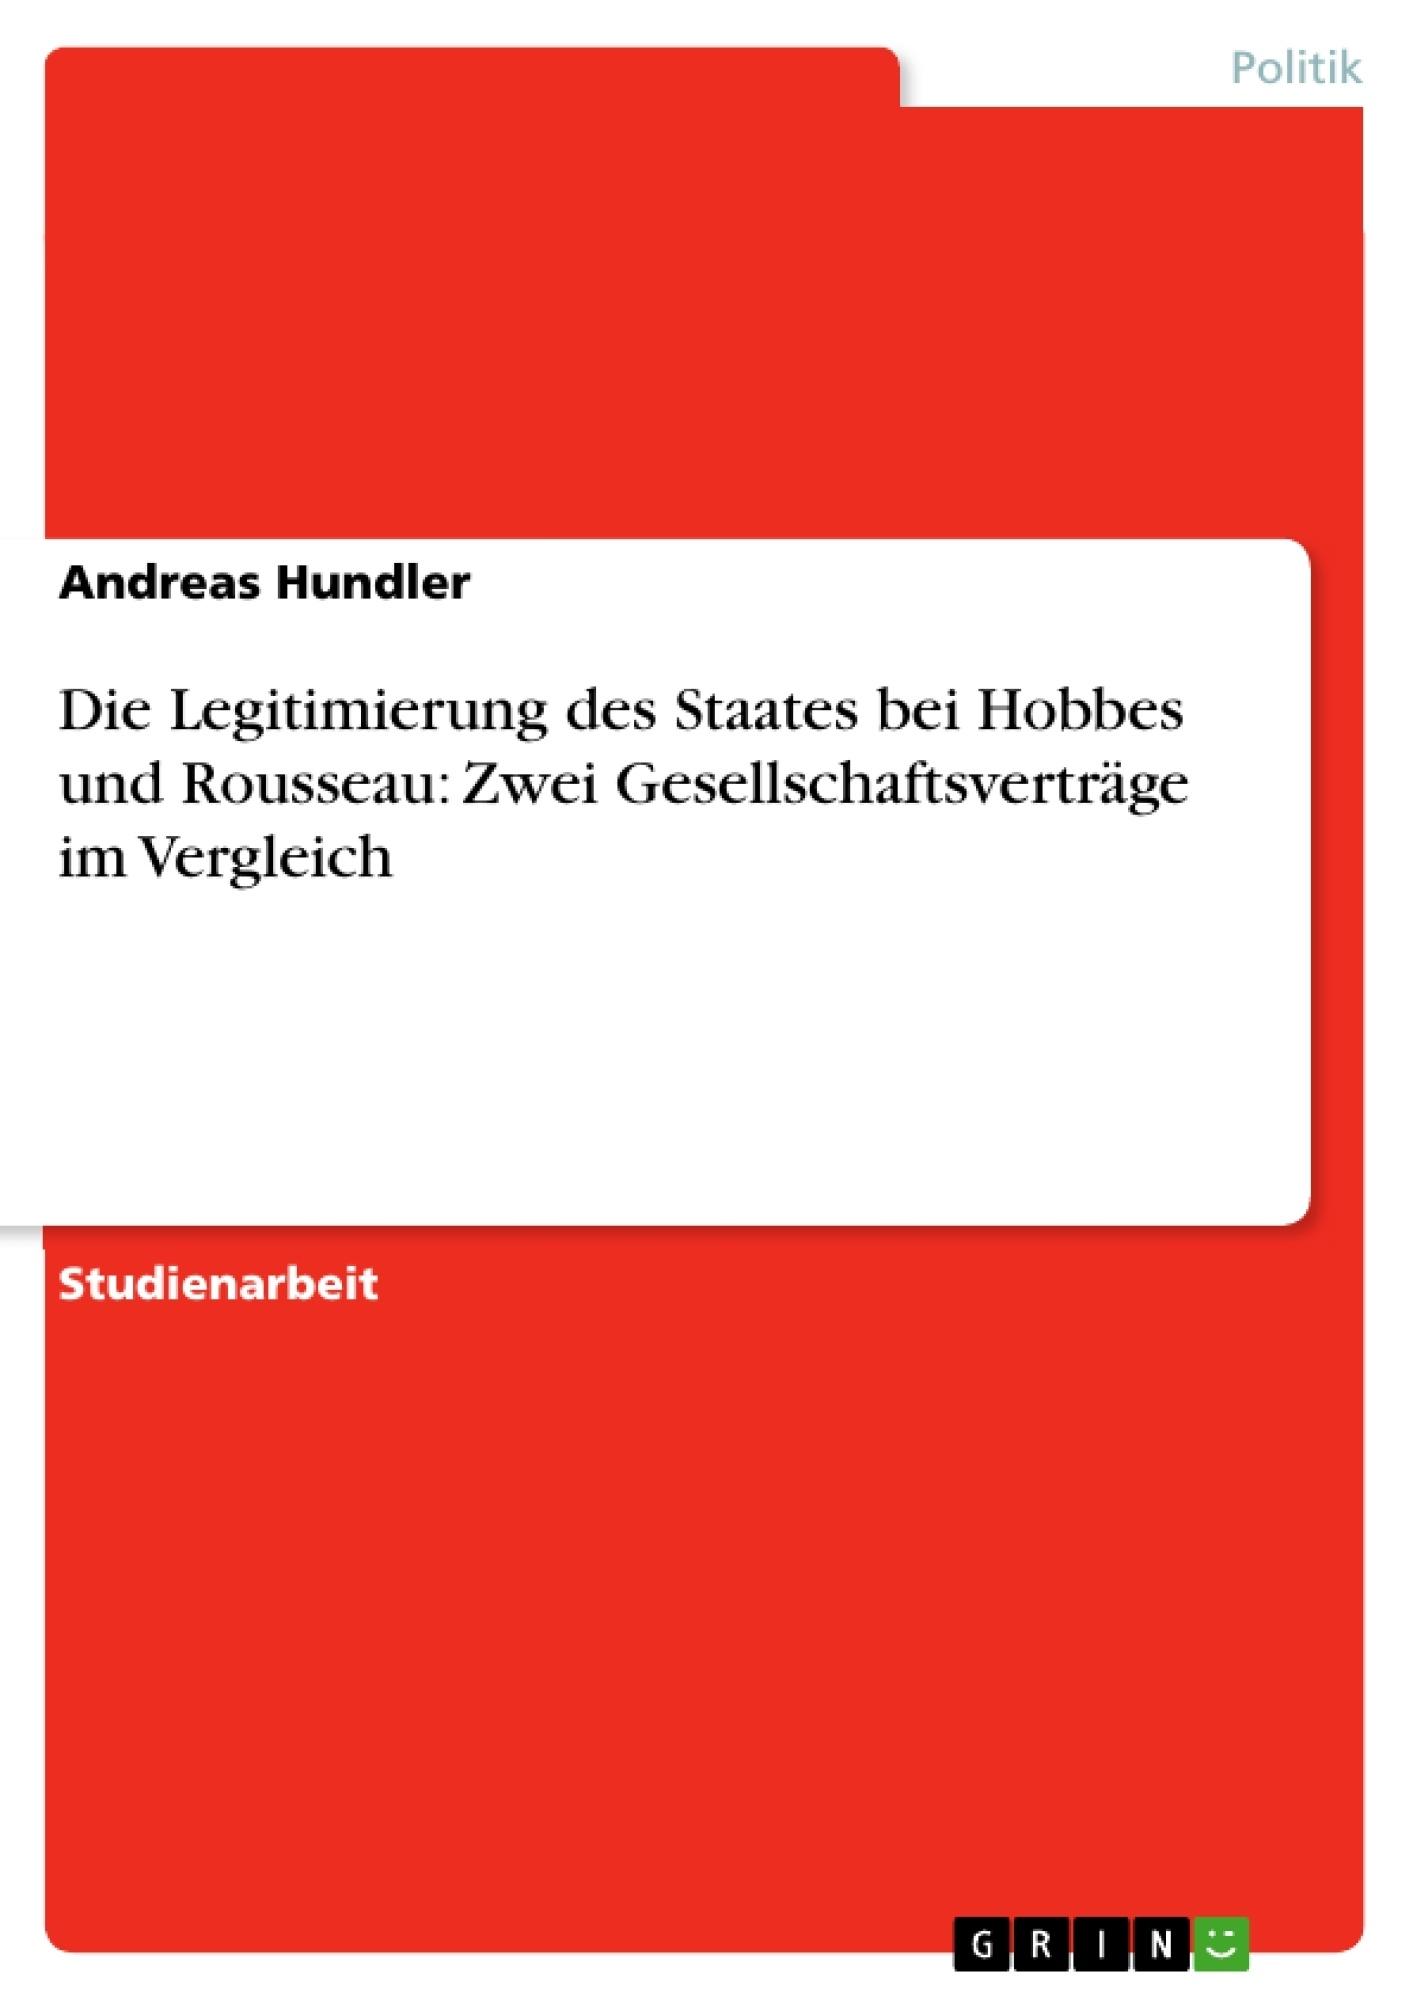 Titel: Die Legitimierung des Staates bei Hobbes und Rousseau: Zwei Gesellschaftsverträge im Vergleich